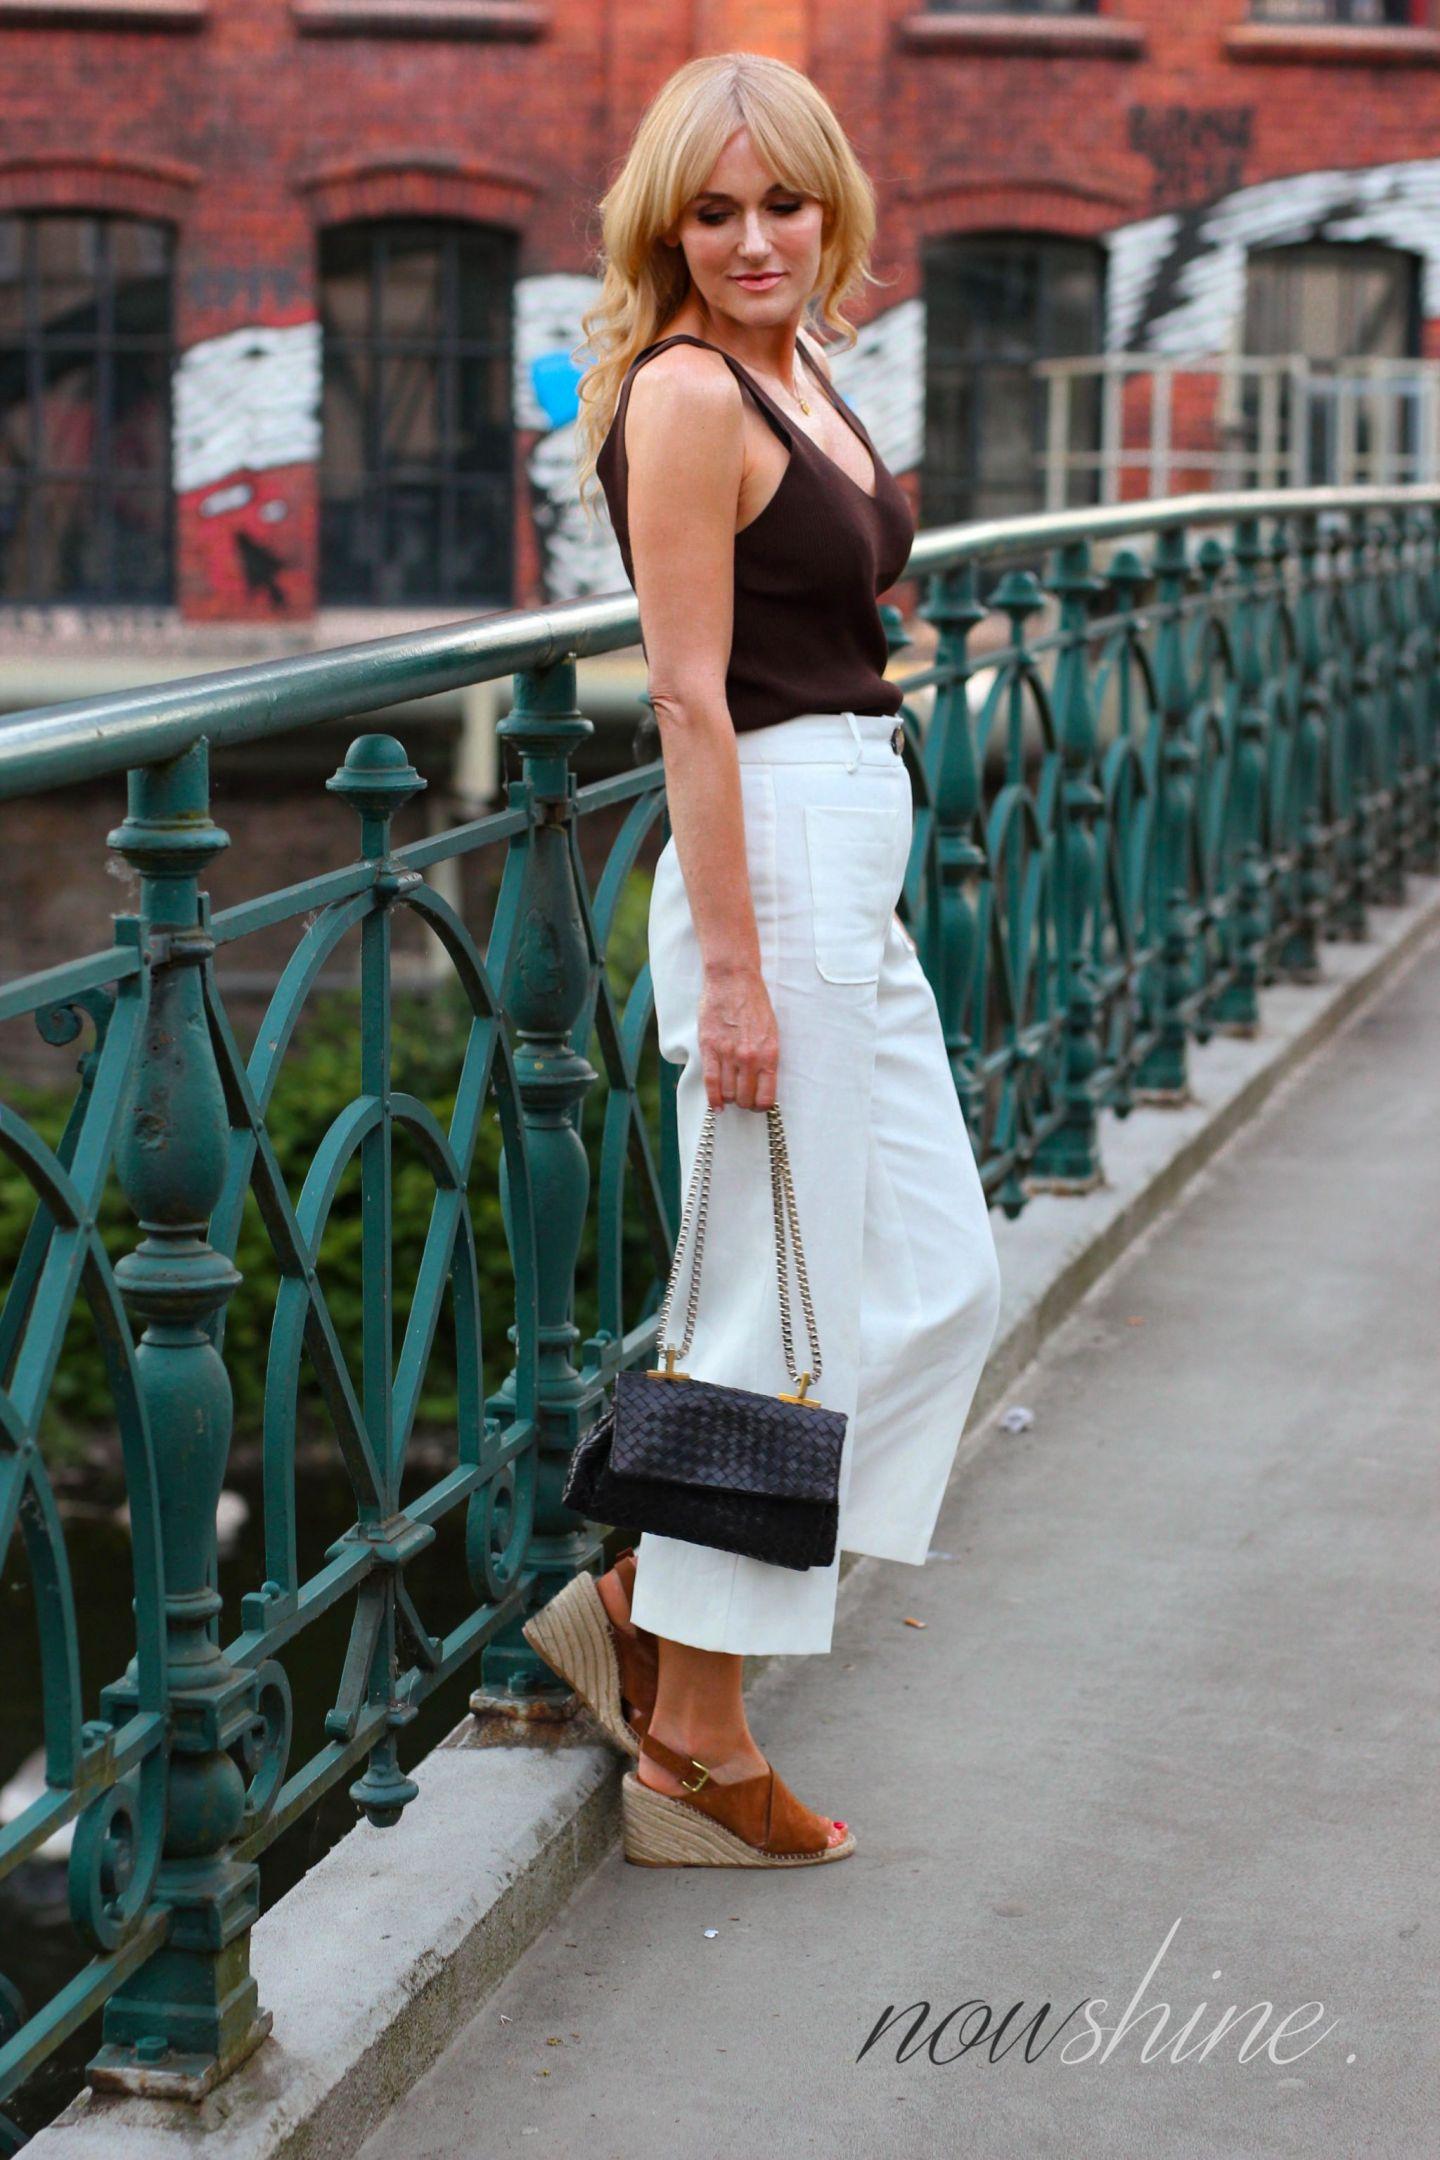 sommerliches Outfit mit Sandalen von H&M Premium - Nowshine ü40 Fashion Blog